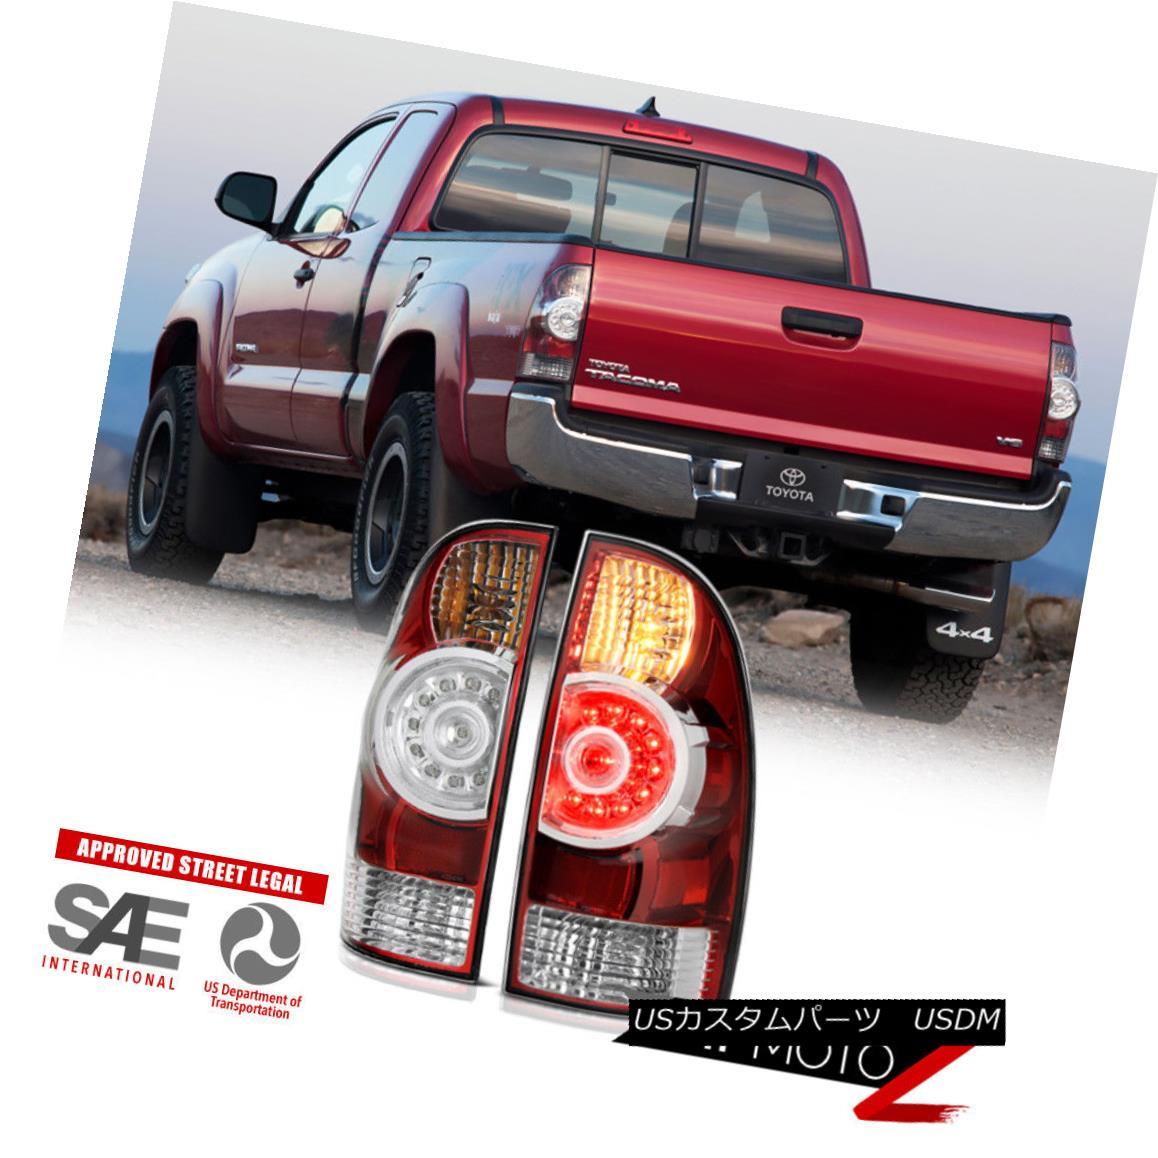 テールライト 09-15 Toyota Tacoma Pickup [FACTORY LED STYLE] Replacement Brake Lamp Tail Light 09-15トヨタタコマピックアップ[FACTORY LED STYLE]ブレーキランプテールライト交換